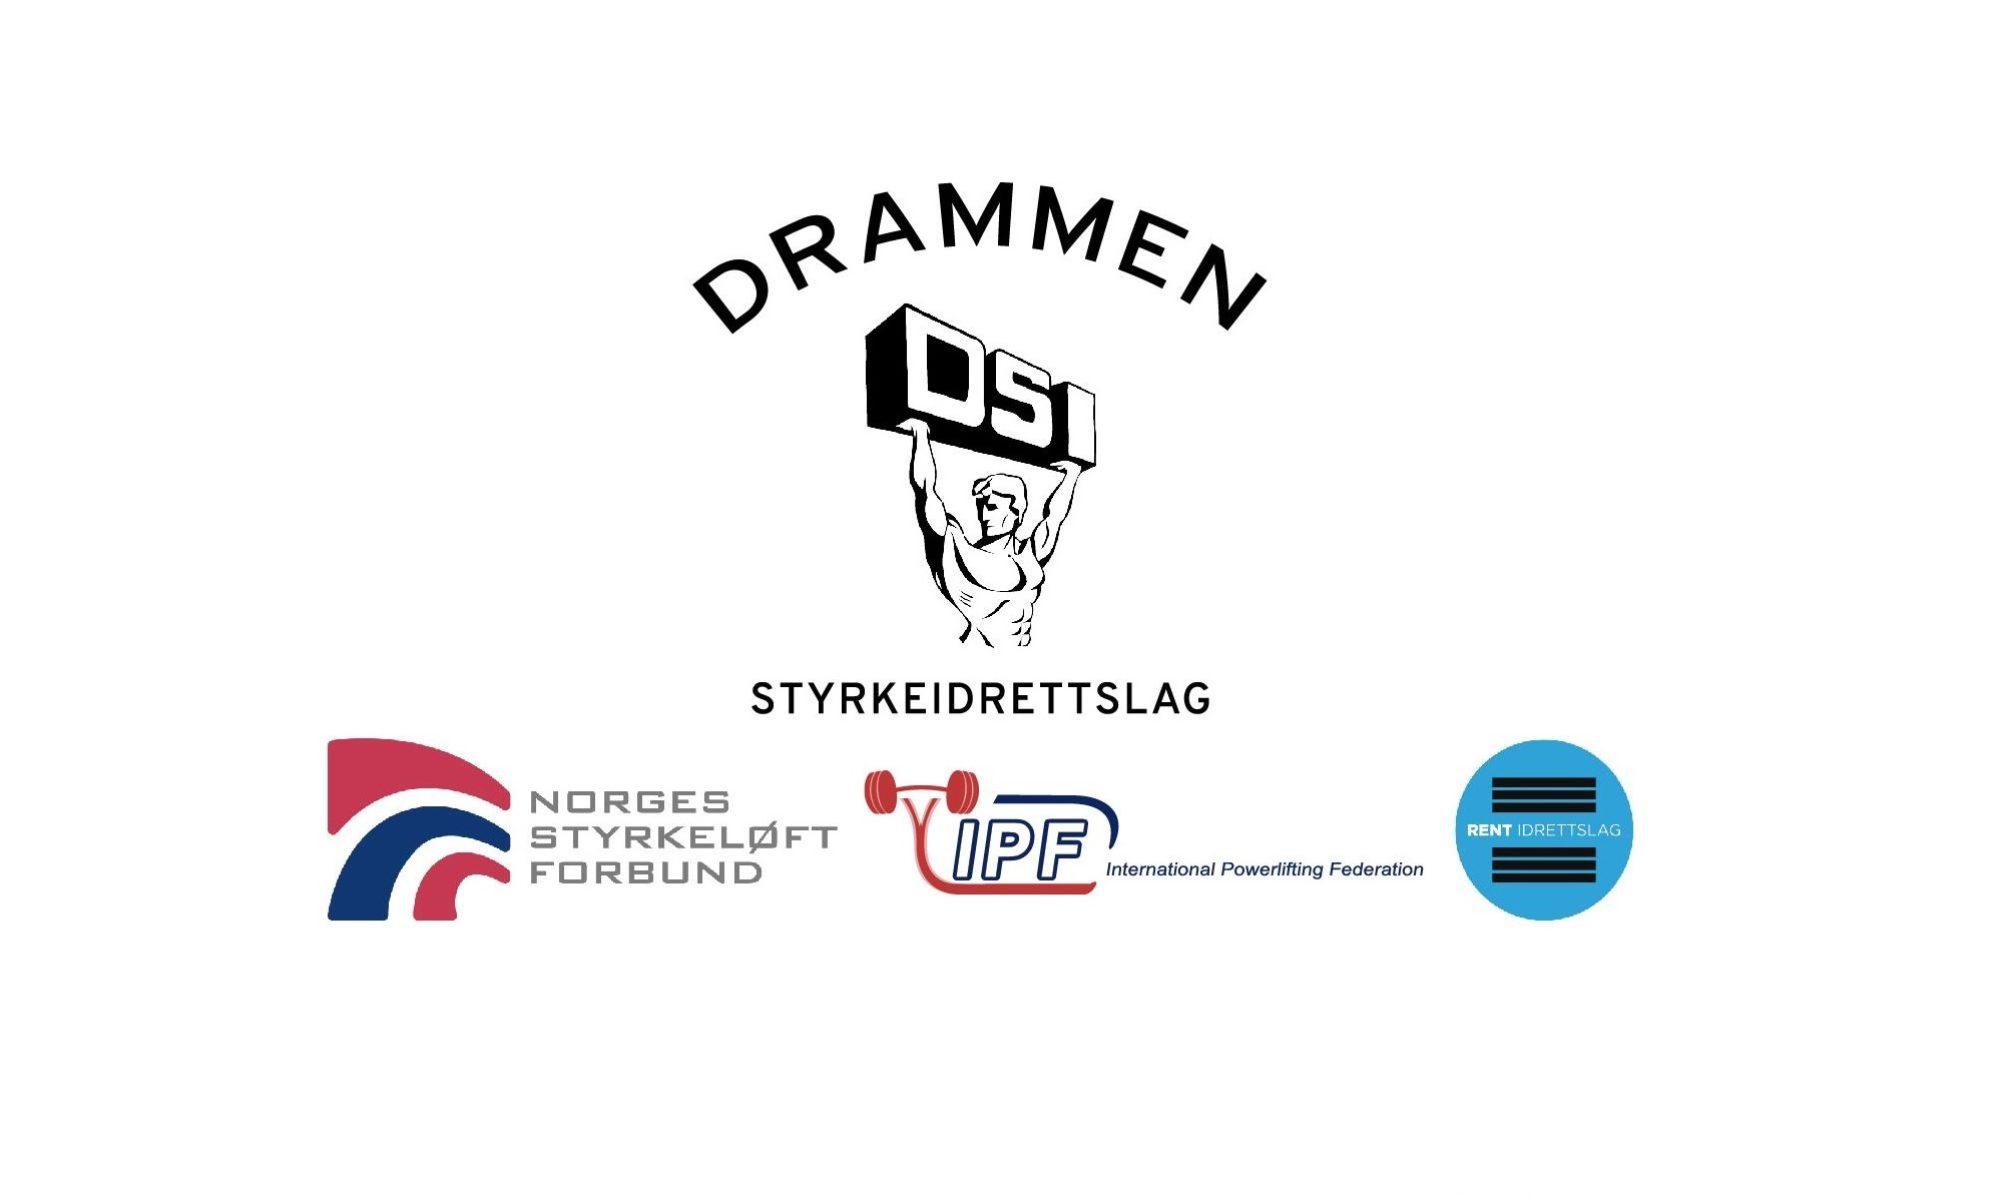 Drammen Styrkeidrettslag